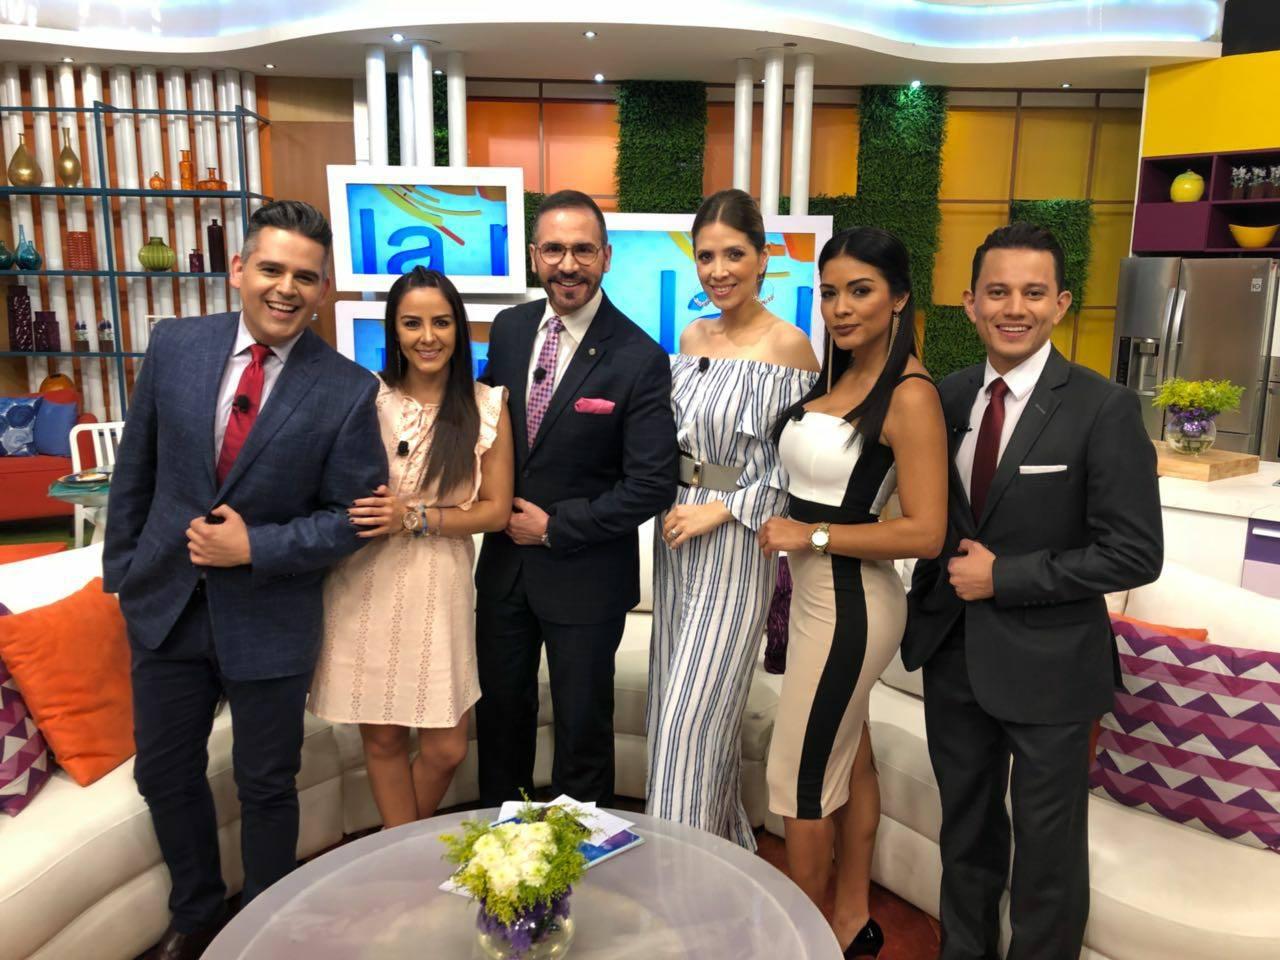 Qué Viva La Mañana se ha posicionado, a lo largo de estos 15 años, como uno de los programas preferidos de la audiencia guatemalteca (Foto Prensa Libre: Cortesía)